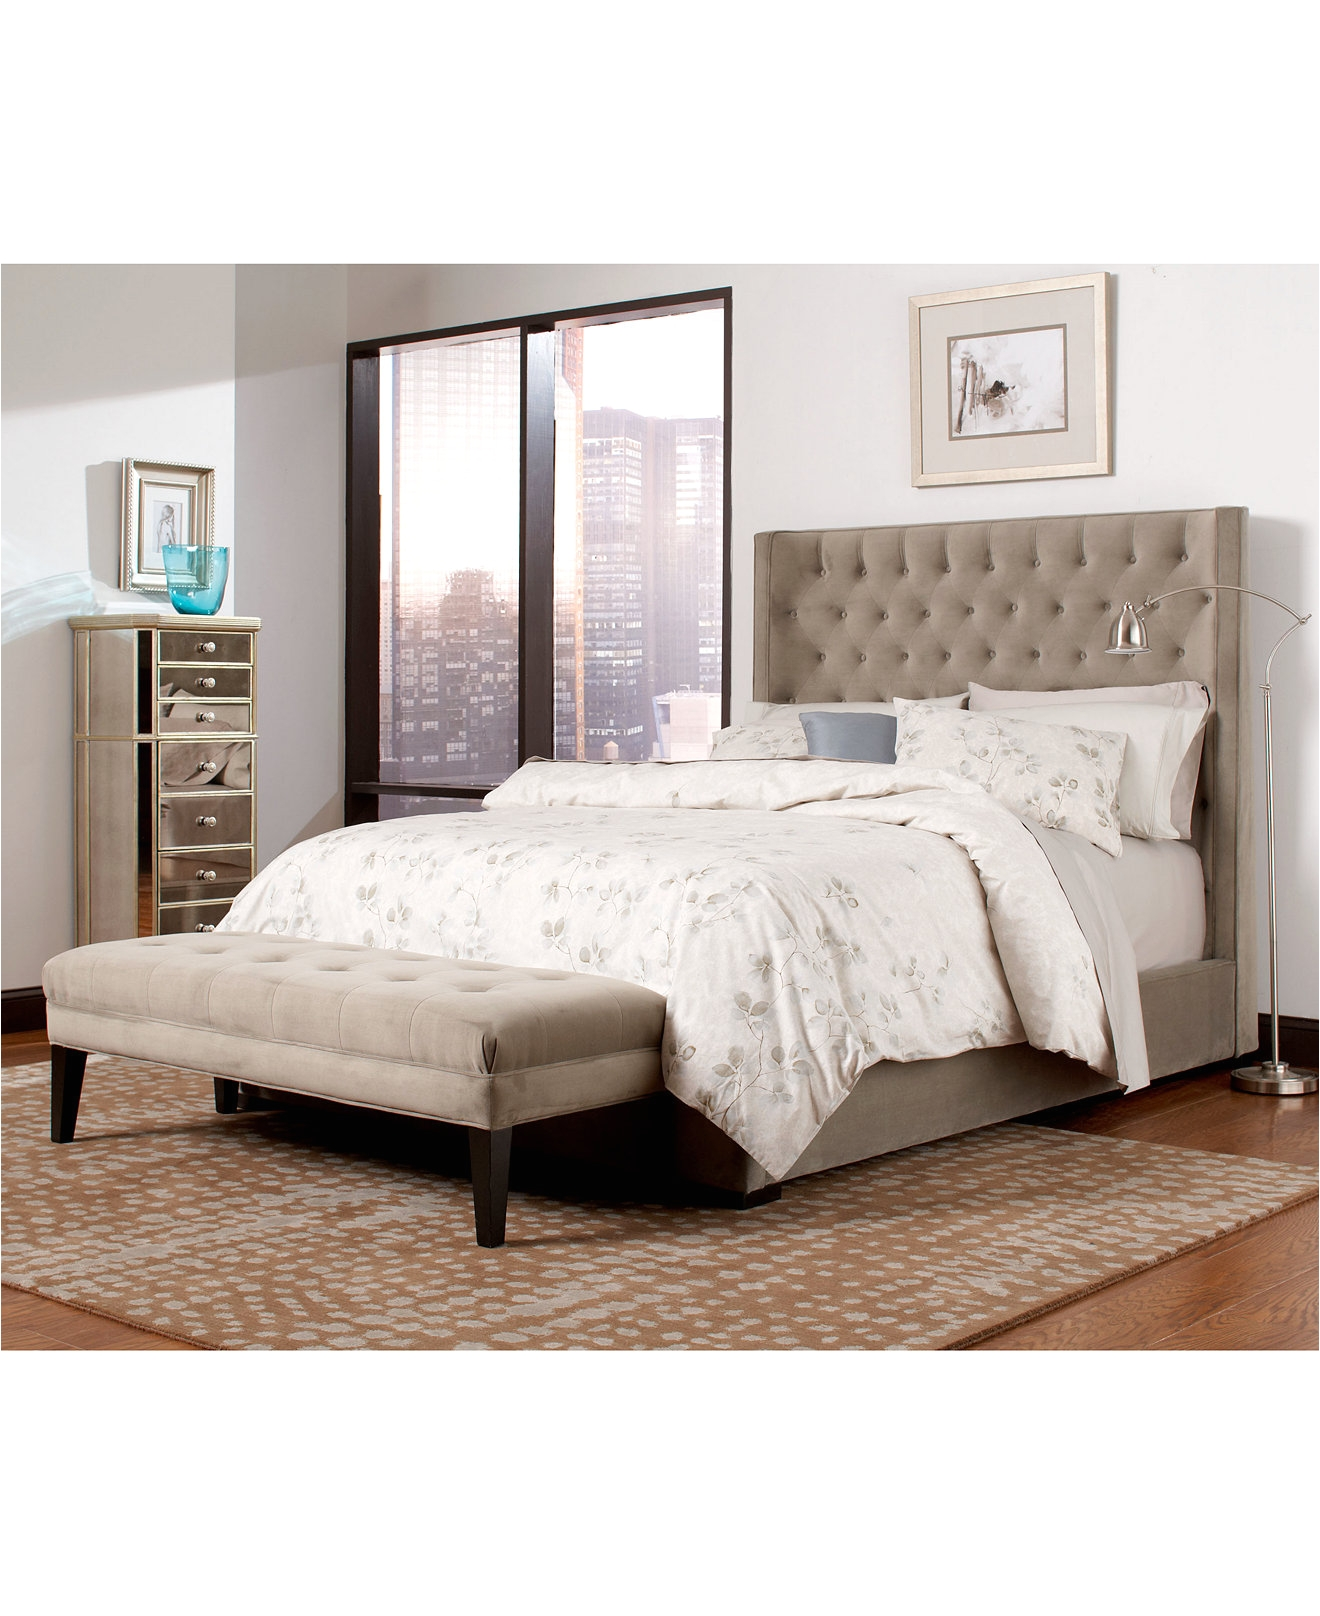 Macy S Master Bedroom Sets Macy S Bedroom Furniture Kids Bedroom ...